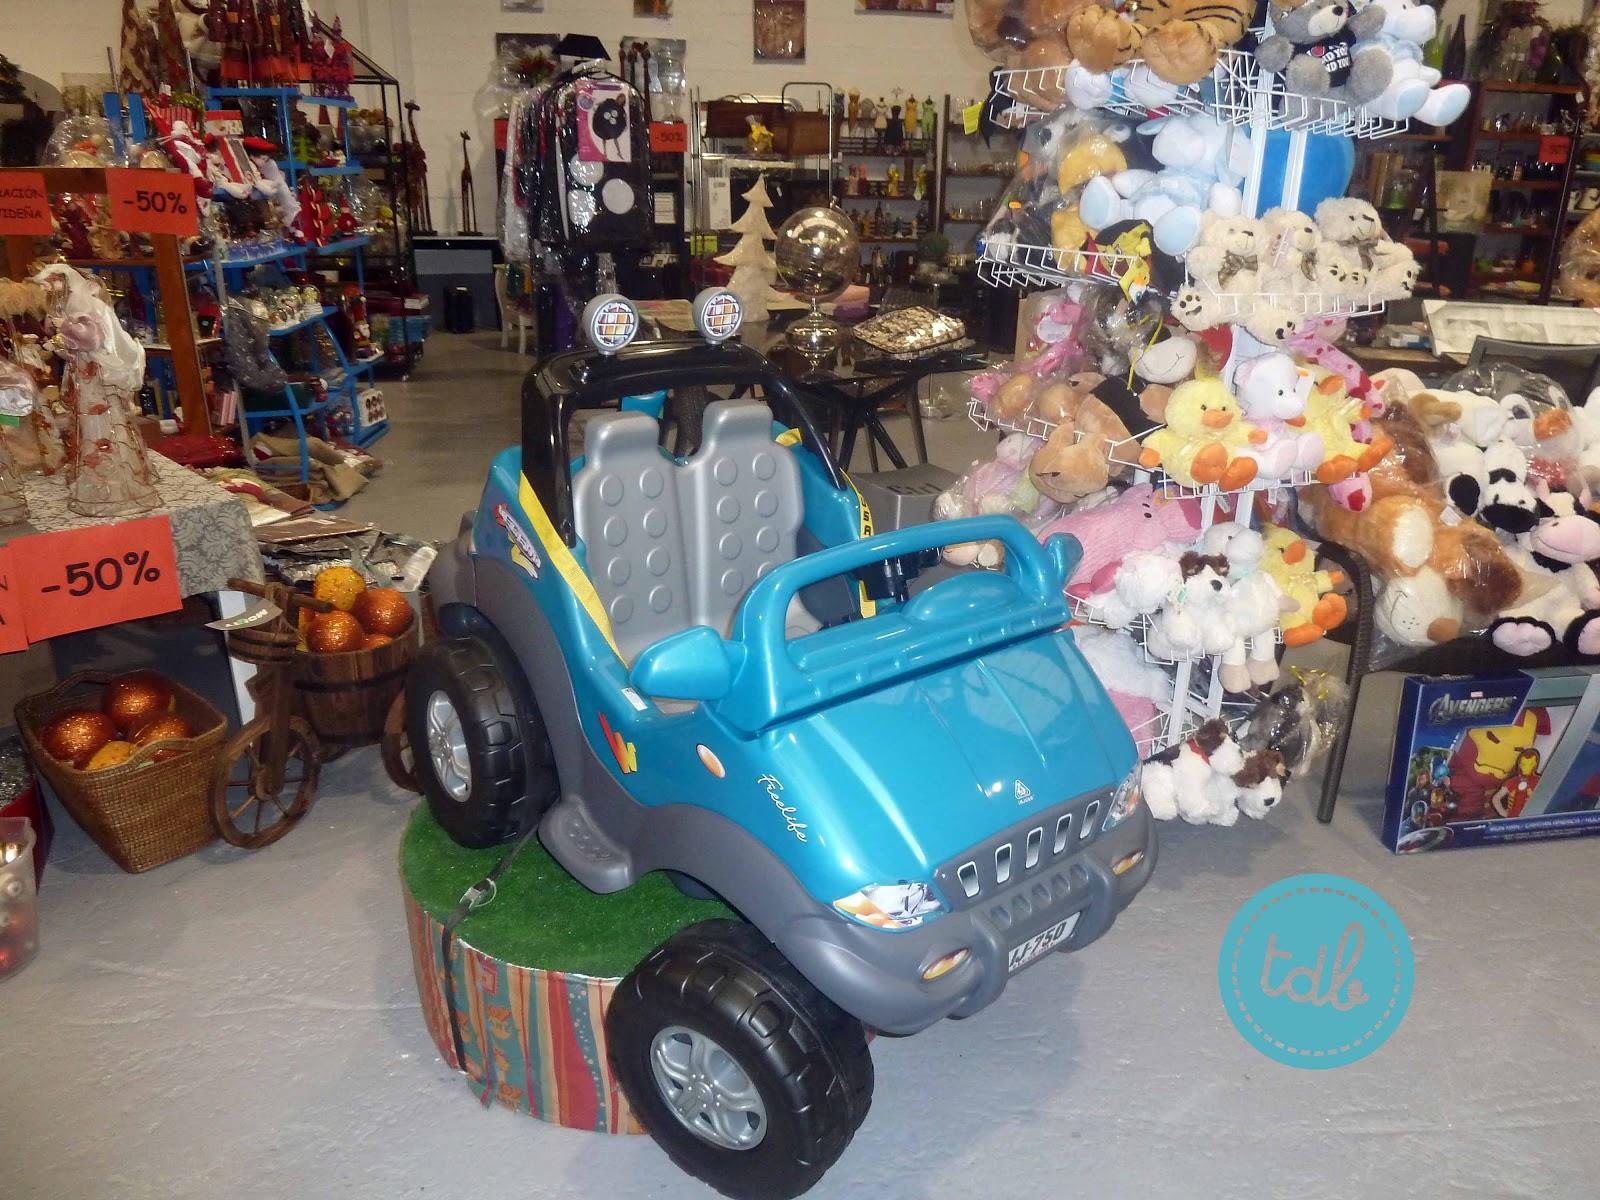 La Jugueteria Toy Planet Jostamendi Ha Llegado A Irun Txikis Del